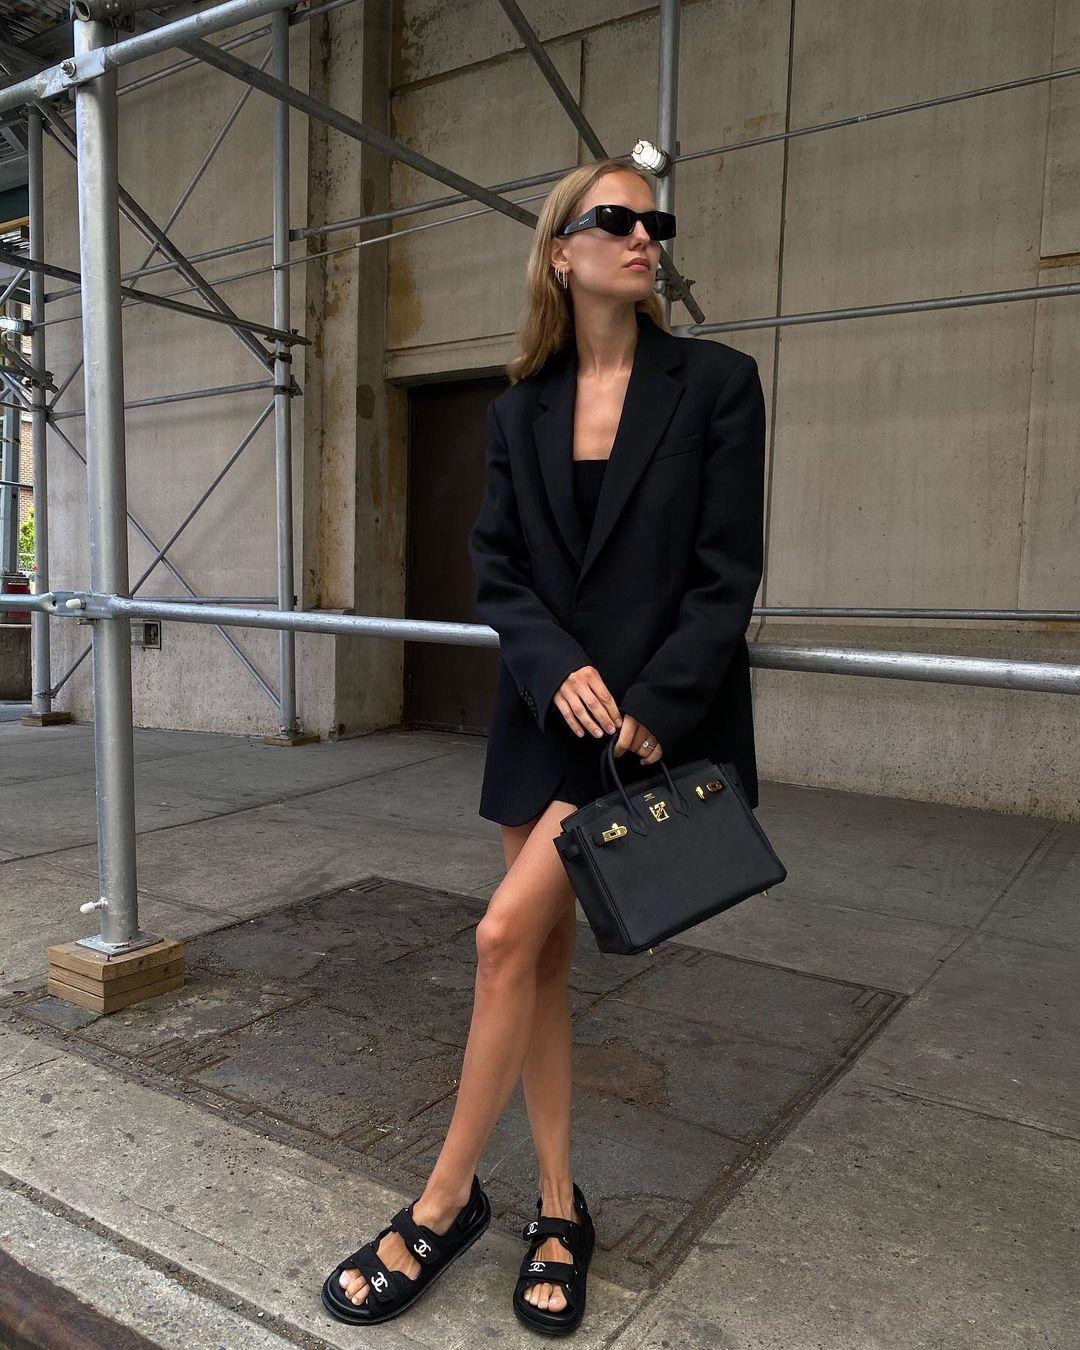 Blazer dress styles to try